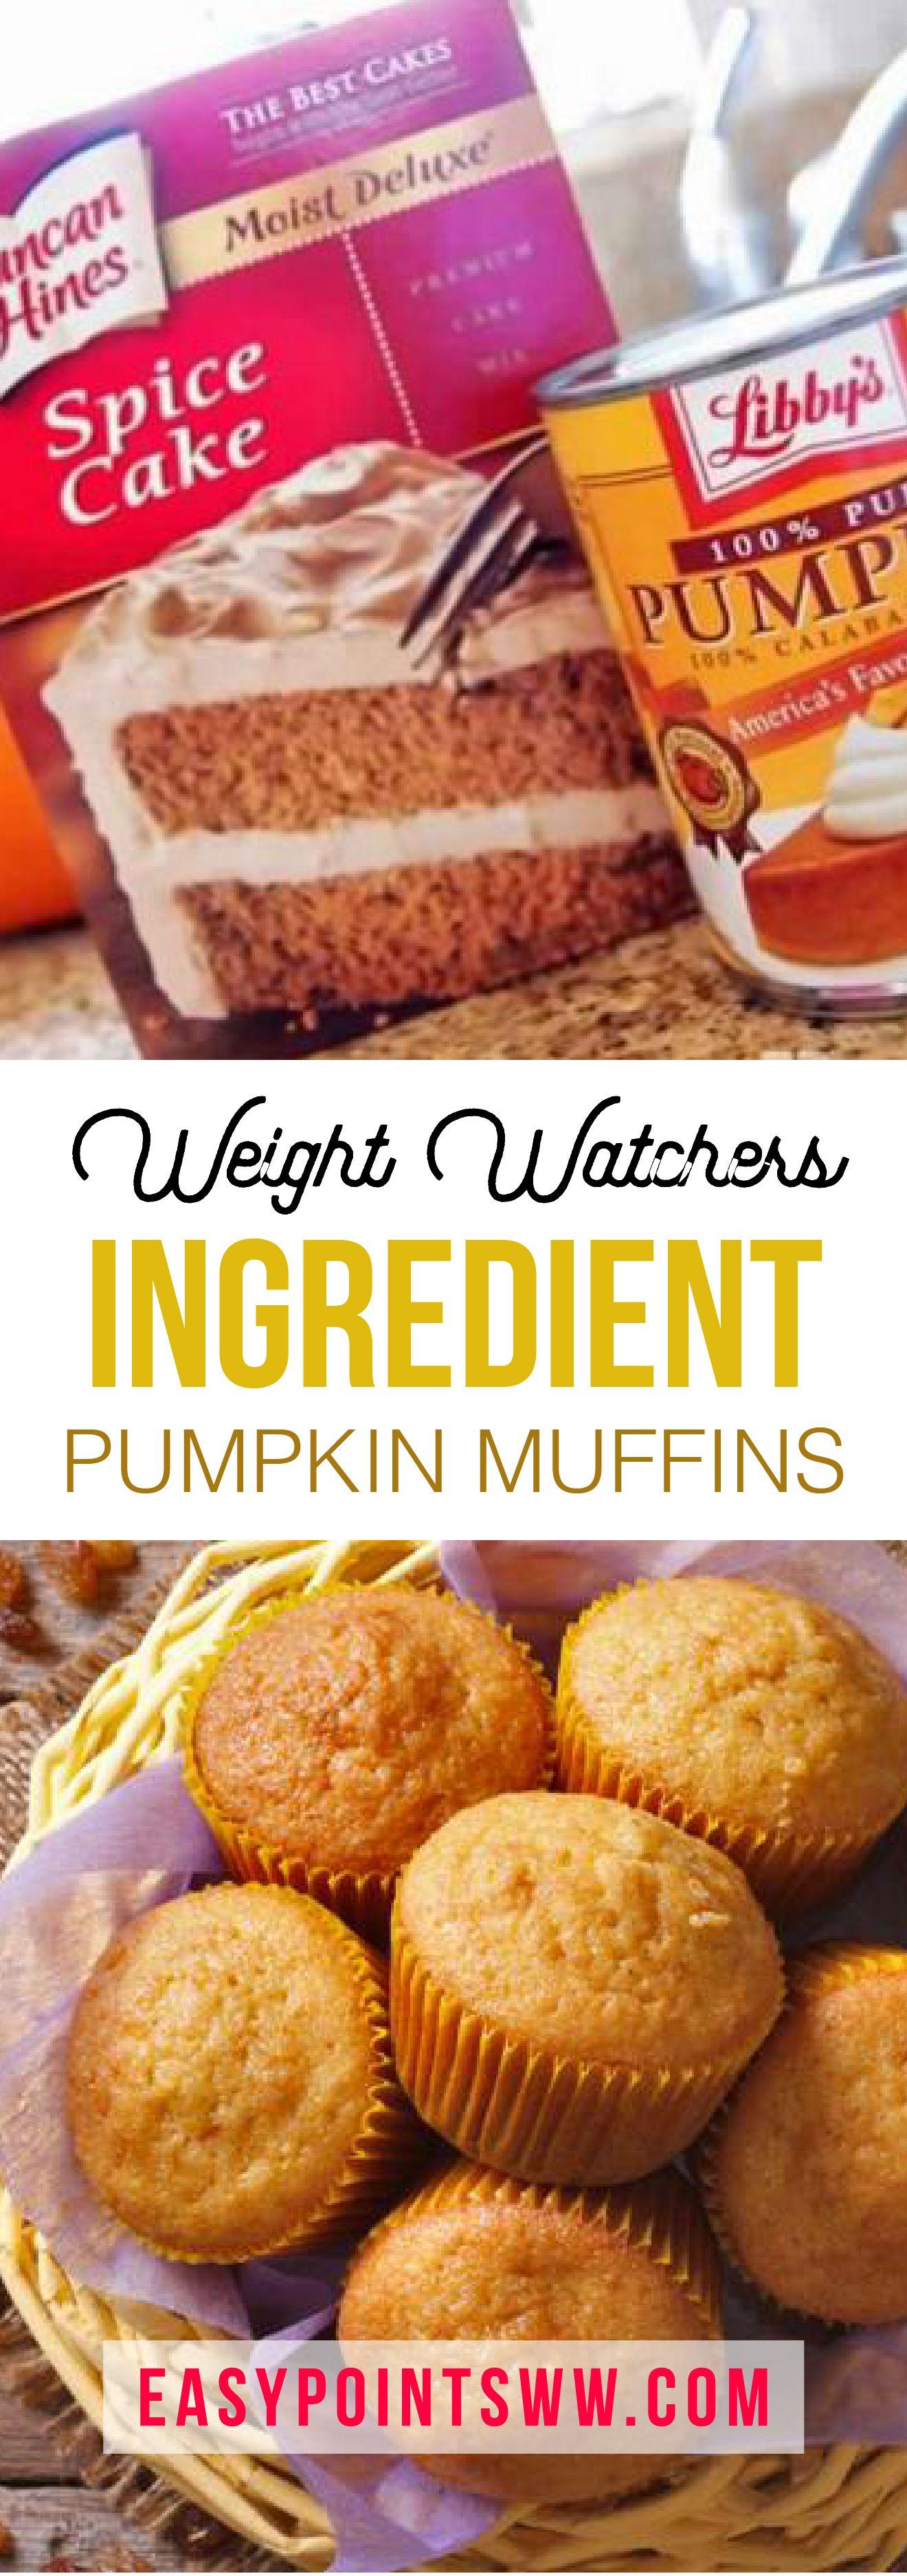 2-INGREDIENT PUMPKIN MUFFINS | Weight Watchers | Weight watchers